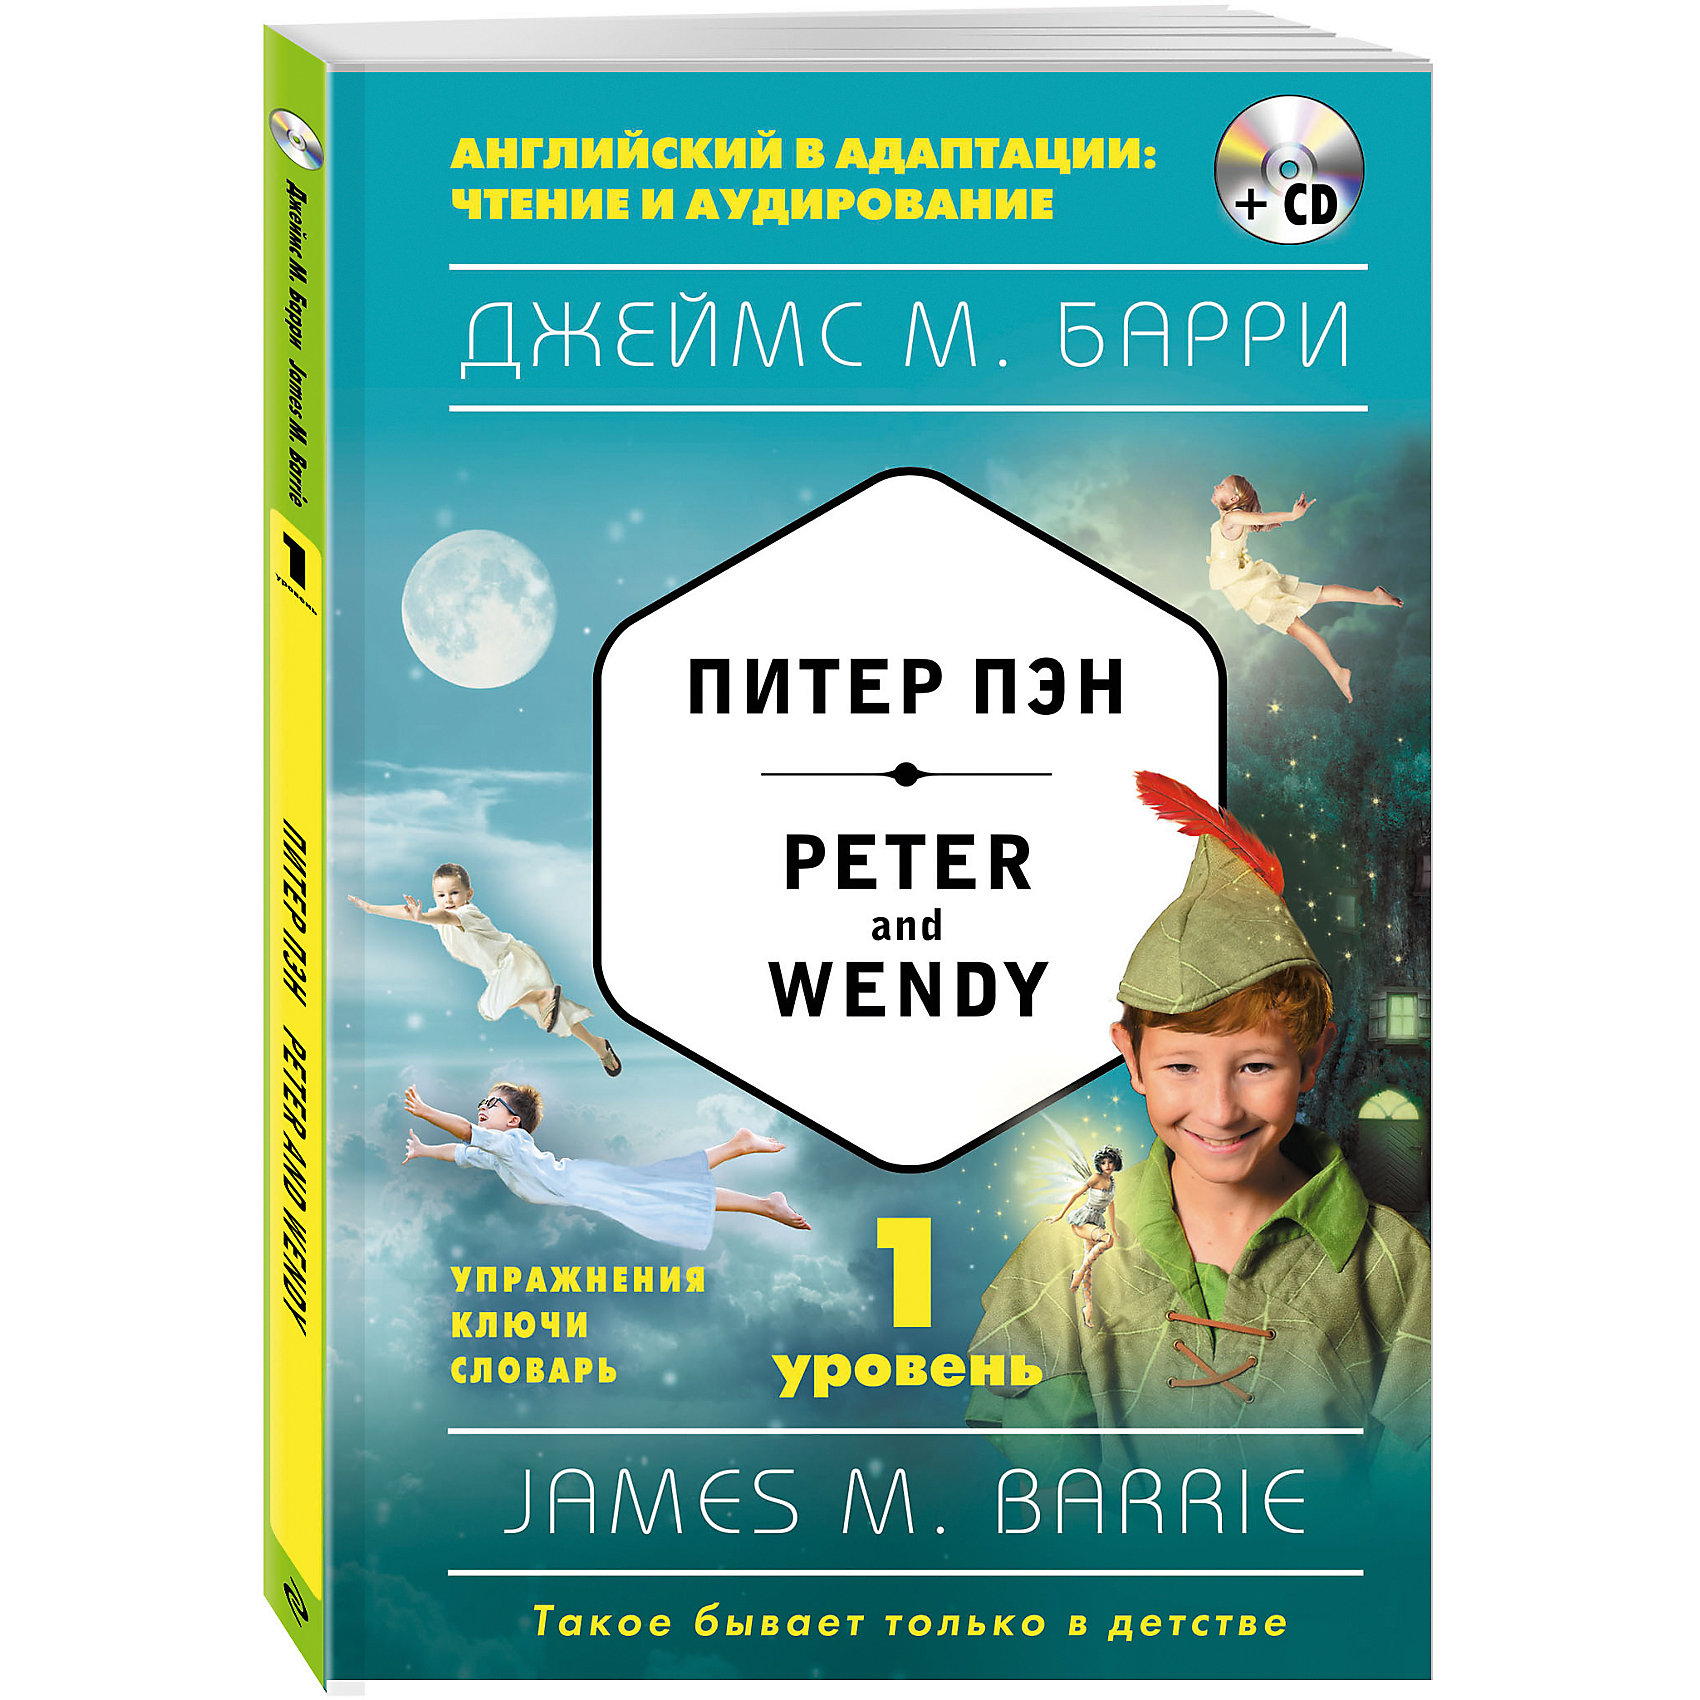 Питер Пэн +CD, 1-й уровеньИностранный язык<br>Знаменитая история о мальчике, который не хотел взрослеть, и его удивительных приключениях теперь доступна для всех! Даже те, кто только начинает изучать английский, легко прочитают адаптированный текст и уследят за всеми перипетиями сюжета.<br>Серия «Английский в адаптации: чтение и аудирование» – это тексты для начинающих, продолжающих и продвинутых. Теперь каждый изучающий английский может выбрать свой уровень и своих авторов и совершенствовать свой английский с лучшими произведениями англоязычной литературы! Читая и слушая текст на диске, а также выполняя упражнения на чтение, аудирование и новую лексику, читатели качественно улучшат свой английский. Они станут лучше воспринимать английскую речь на слух, и работа с текстами станет эффективнее. Аудиозапись начитана носителями языка.<br>Книга предназначена для изучающих английский язык на начальном  уровне.<br><br>Ширина мм: 210<br>Глубина мм: 140<br>Высота мм: 10<br>Вес г: 164<br>Возраст от месяцев: 144<br>Возраст до месяцев: 192<br>Пол: Унисекс<br>Возраст: Детский<br>SKU: 6878166